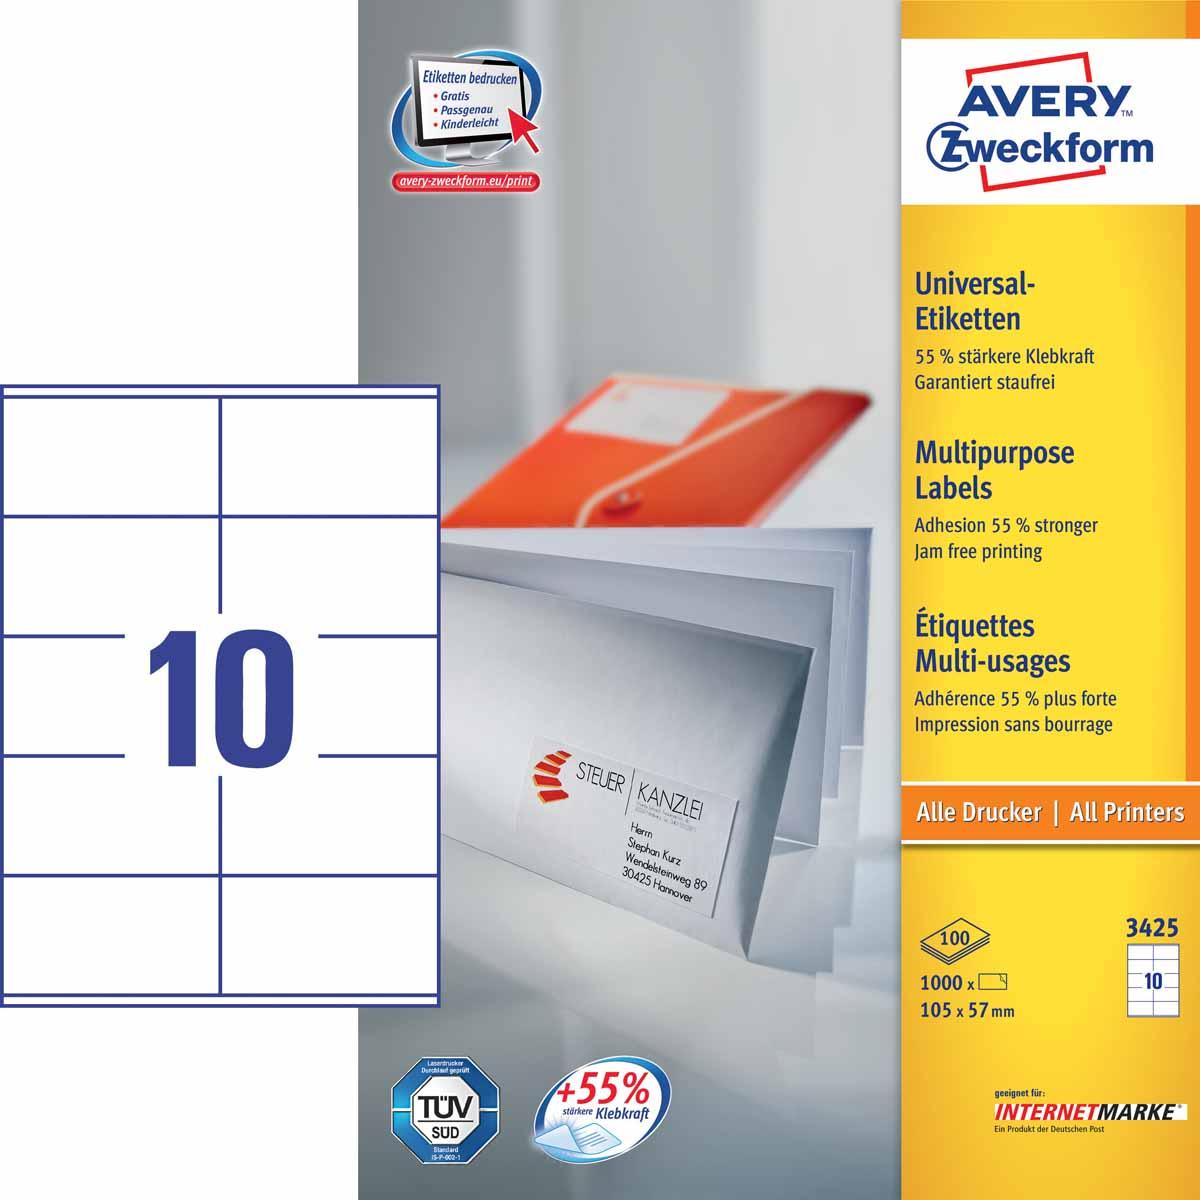 Avery Zweckform Этикетки самоклеящиеся универсальные 105 х 57 мм 1000 шт 100 листов